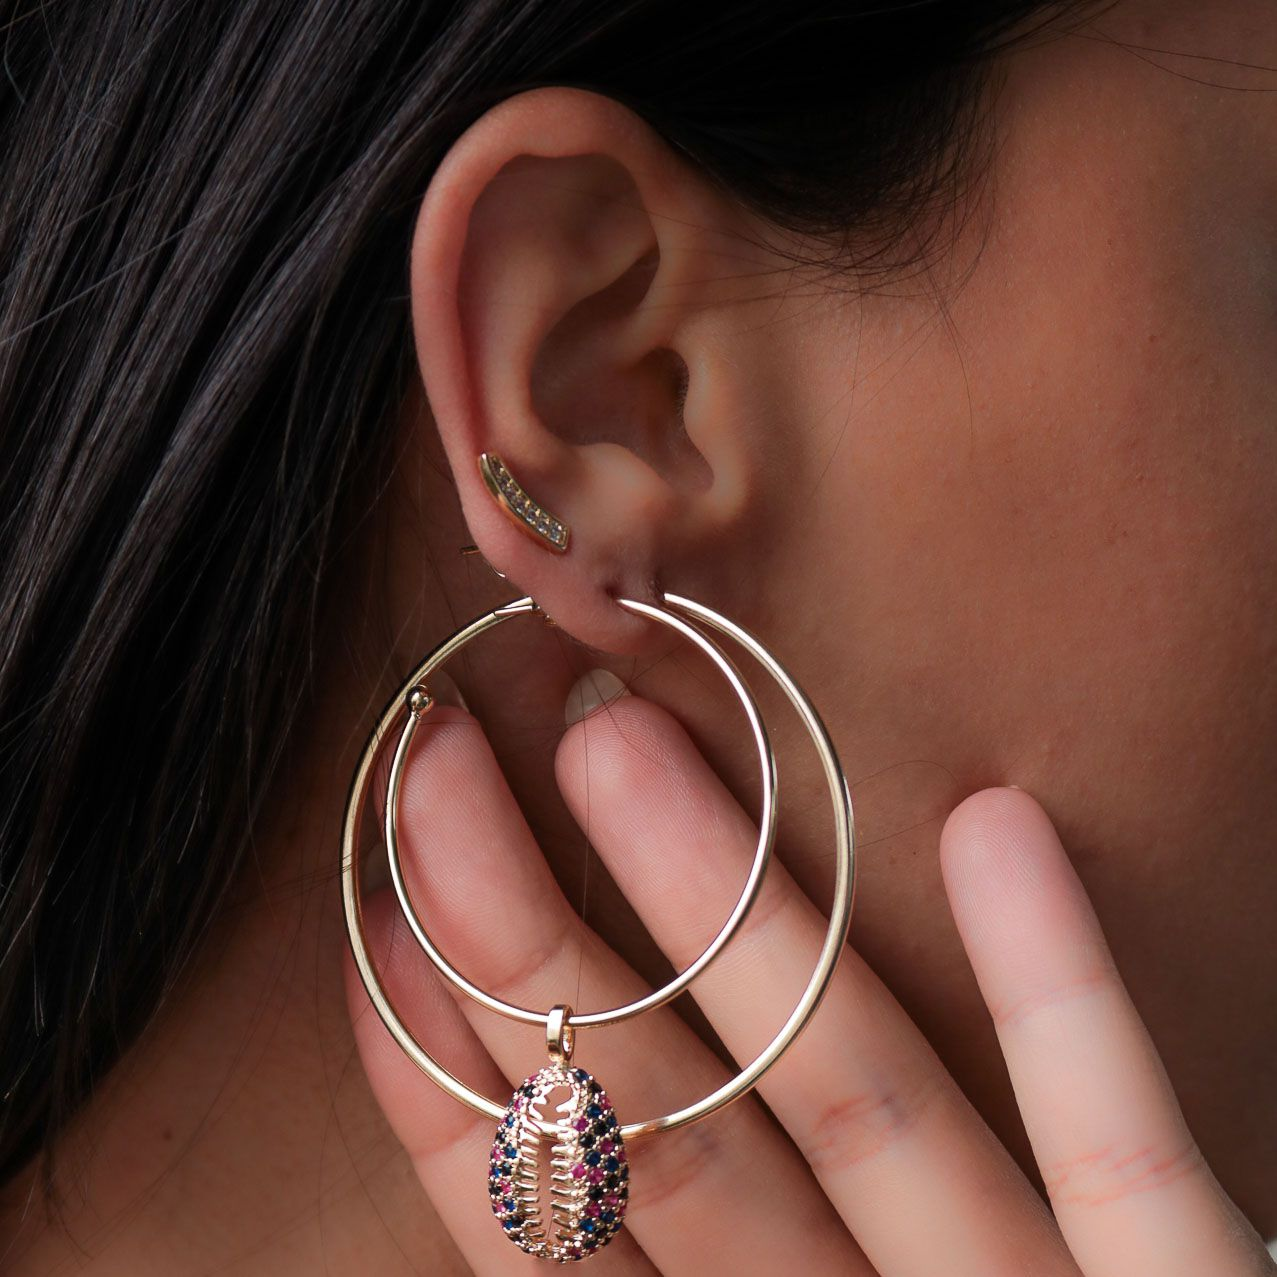 Brinco Semi joia Ear cuff Mimos banhado a ouro 18k ou rhodium